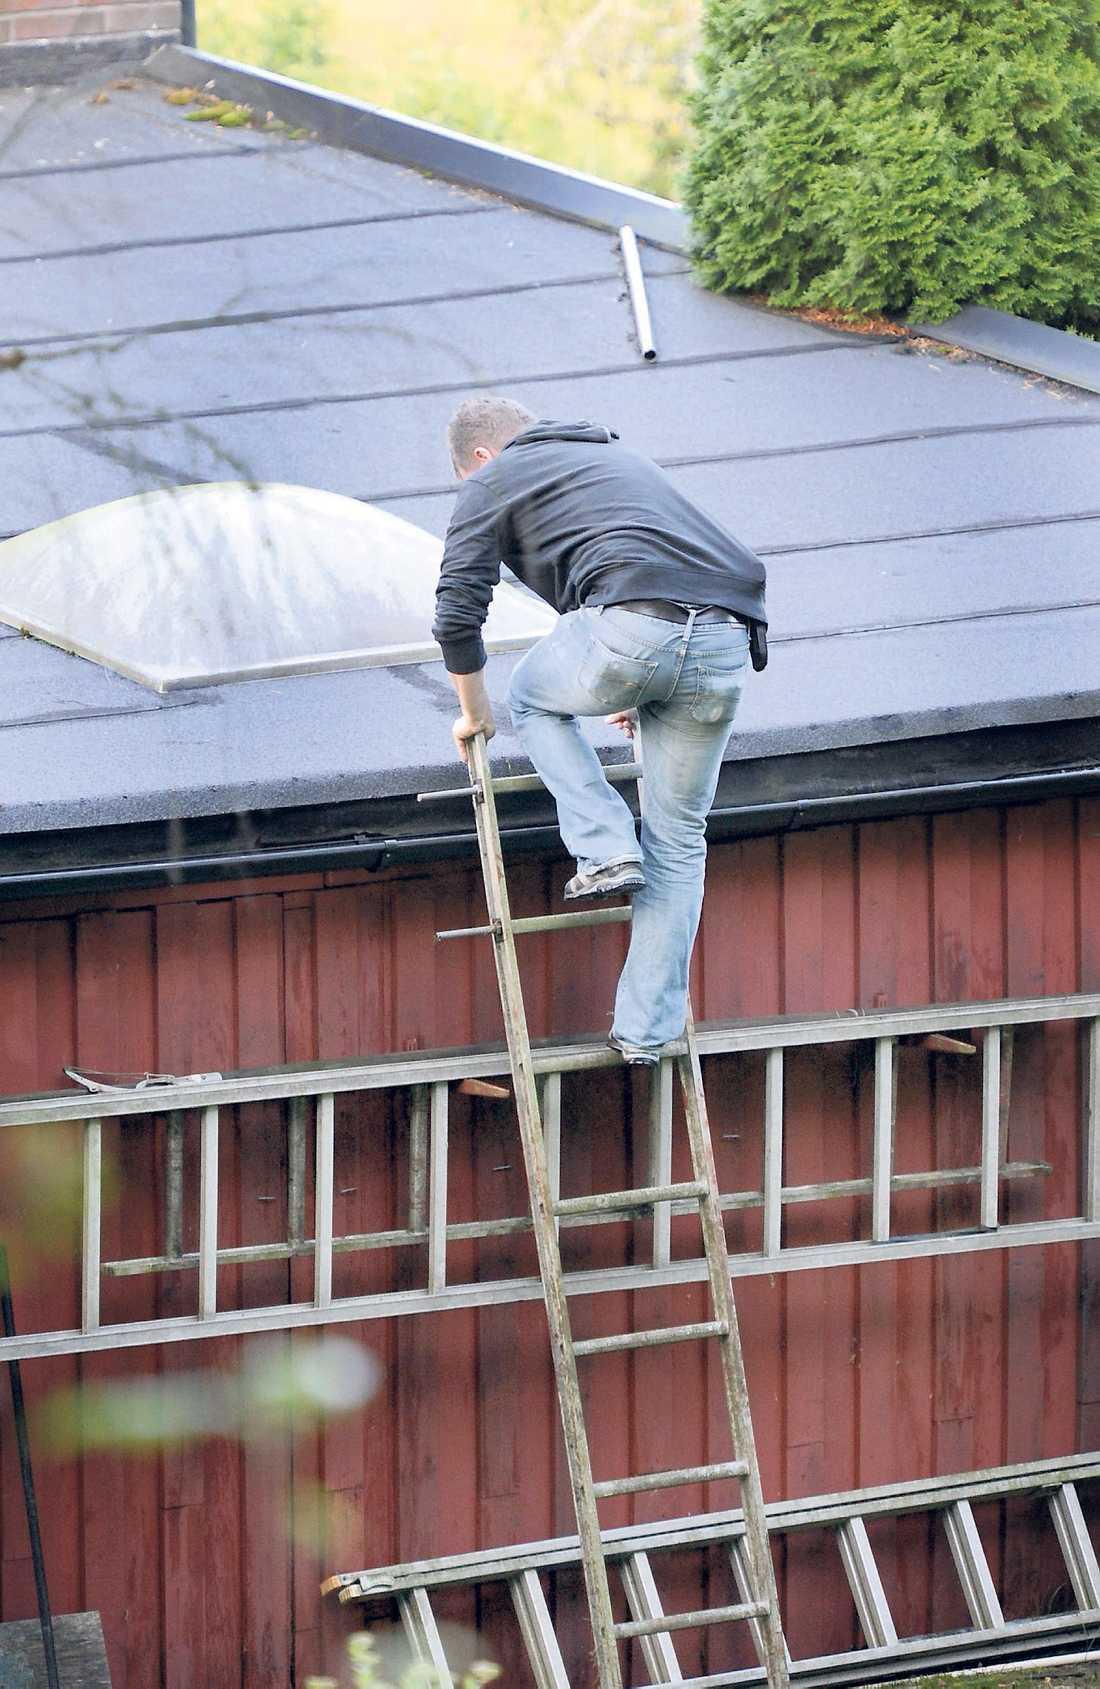 Polisens tekniker sökte igenom huset och tomten.